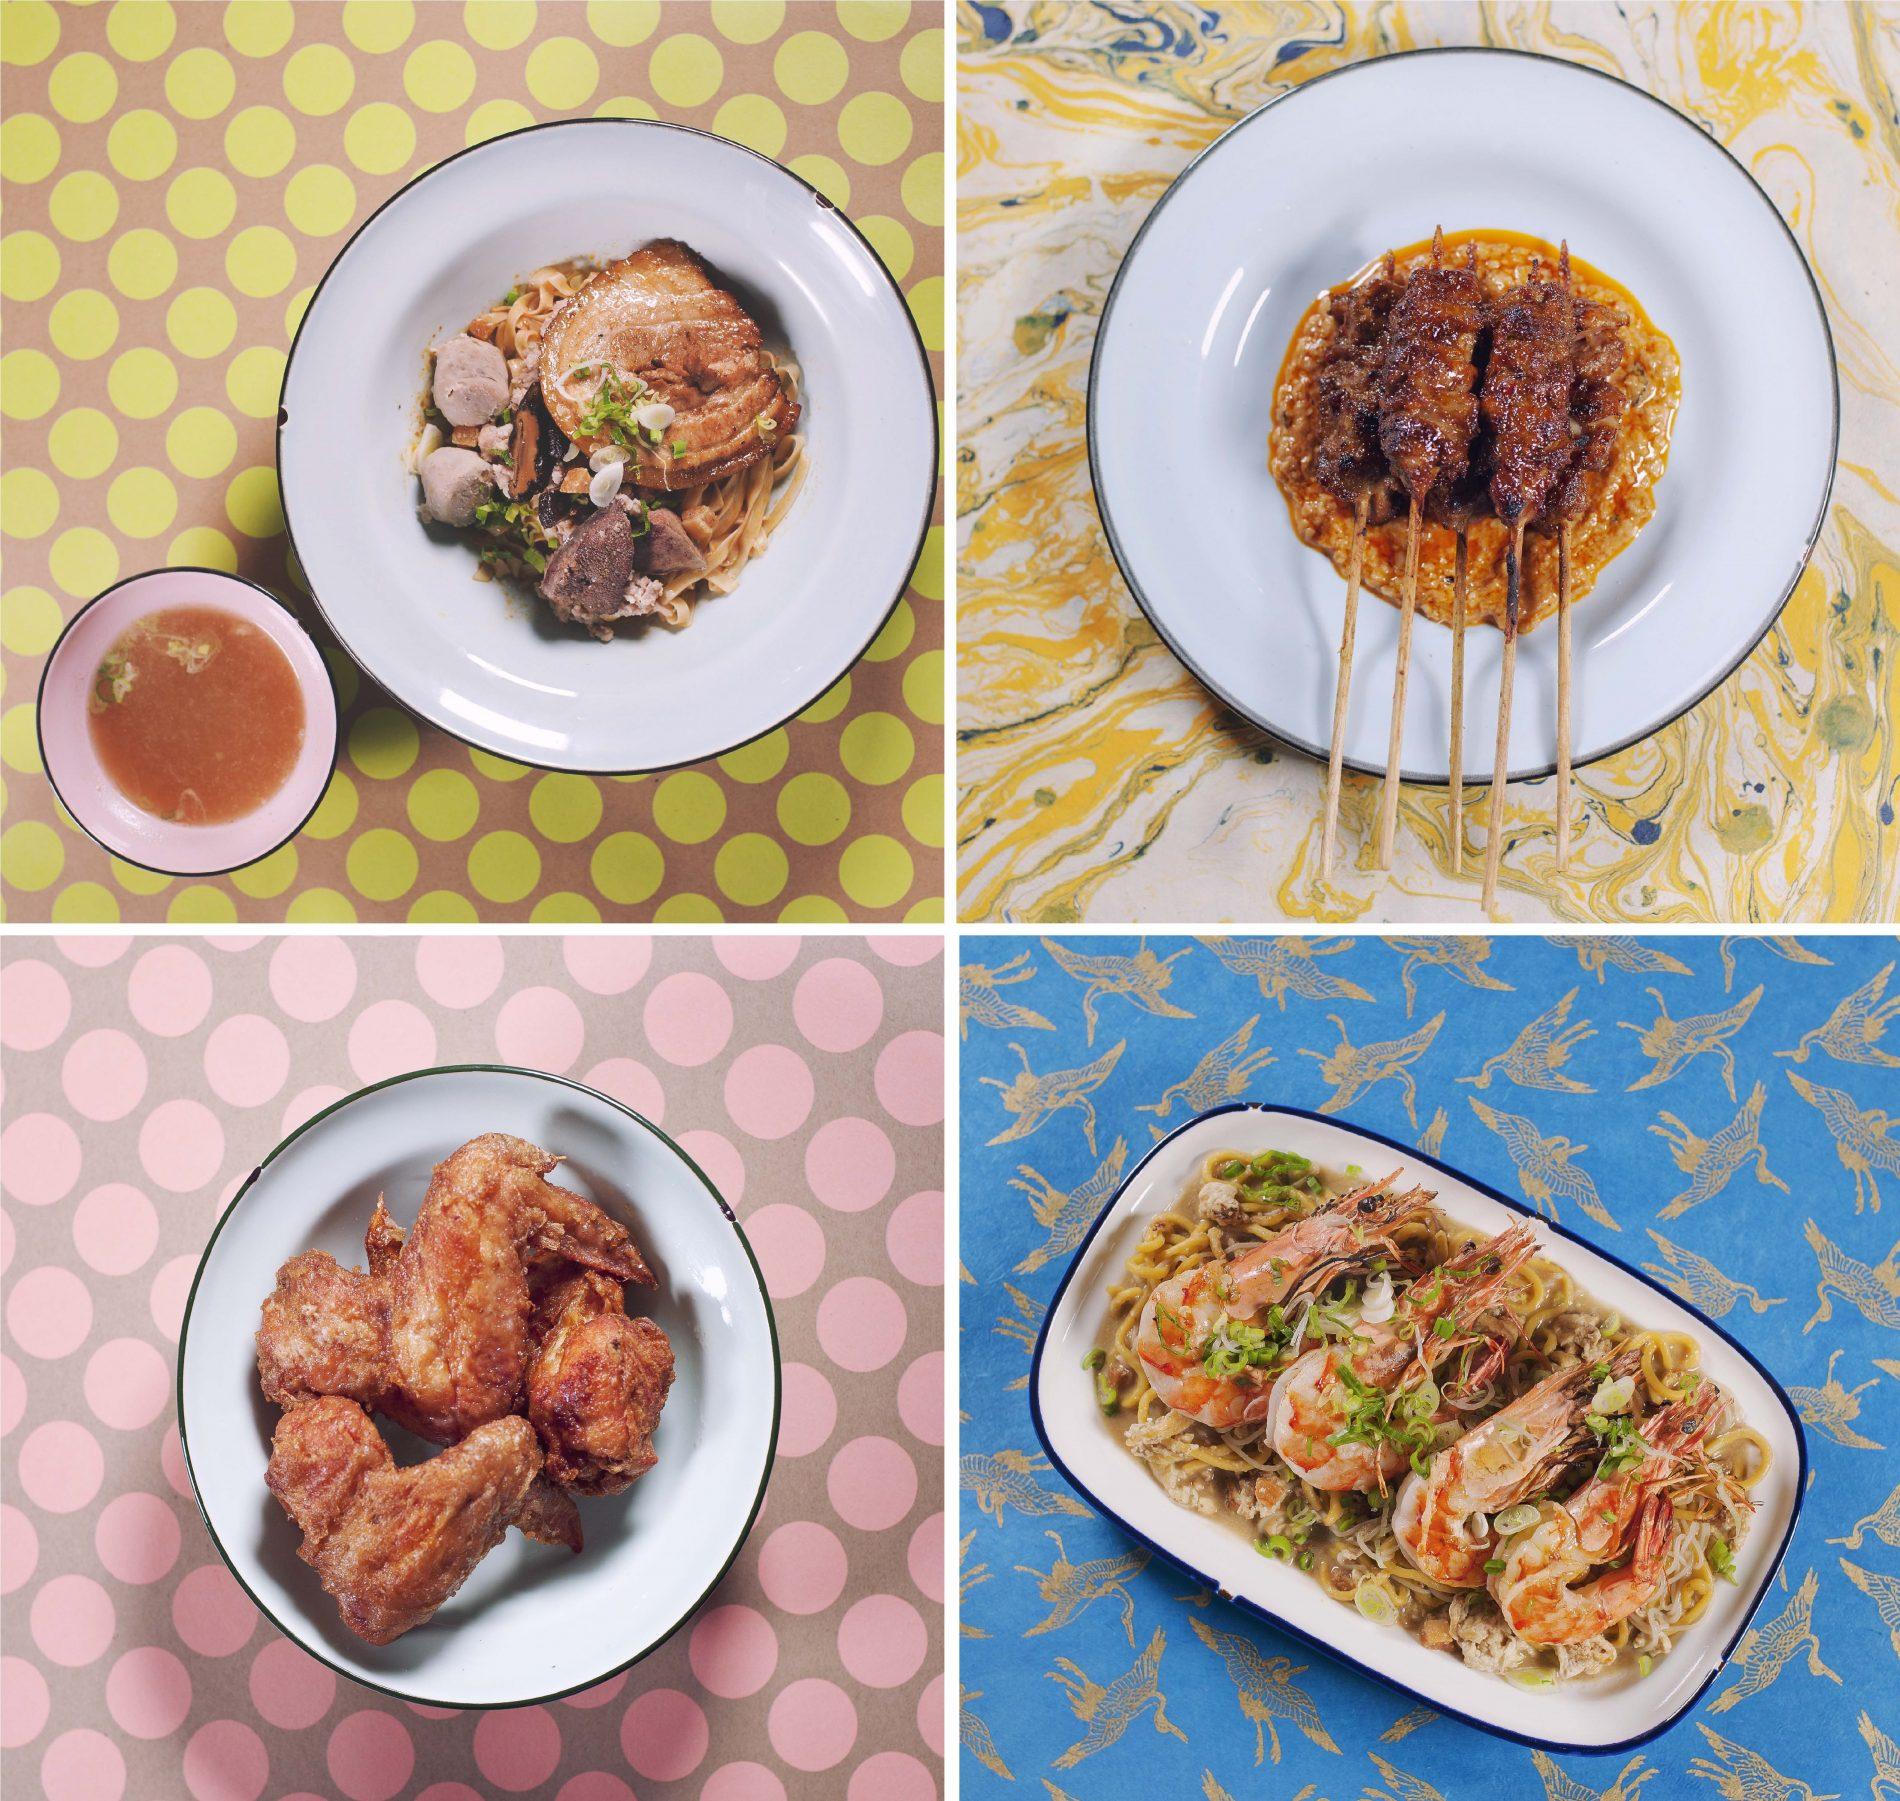 UK's First Singaporean Restaurant To Open in Soho in November